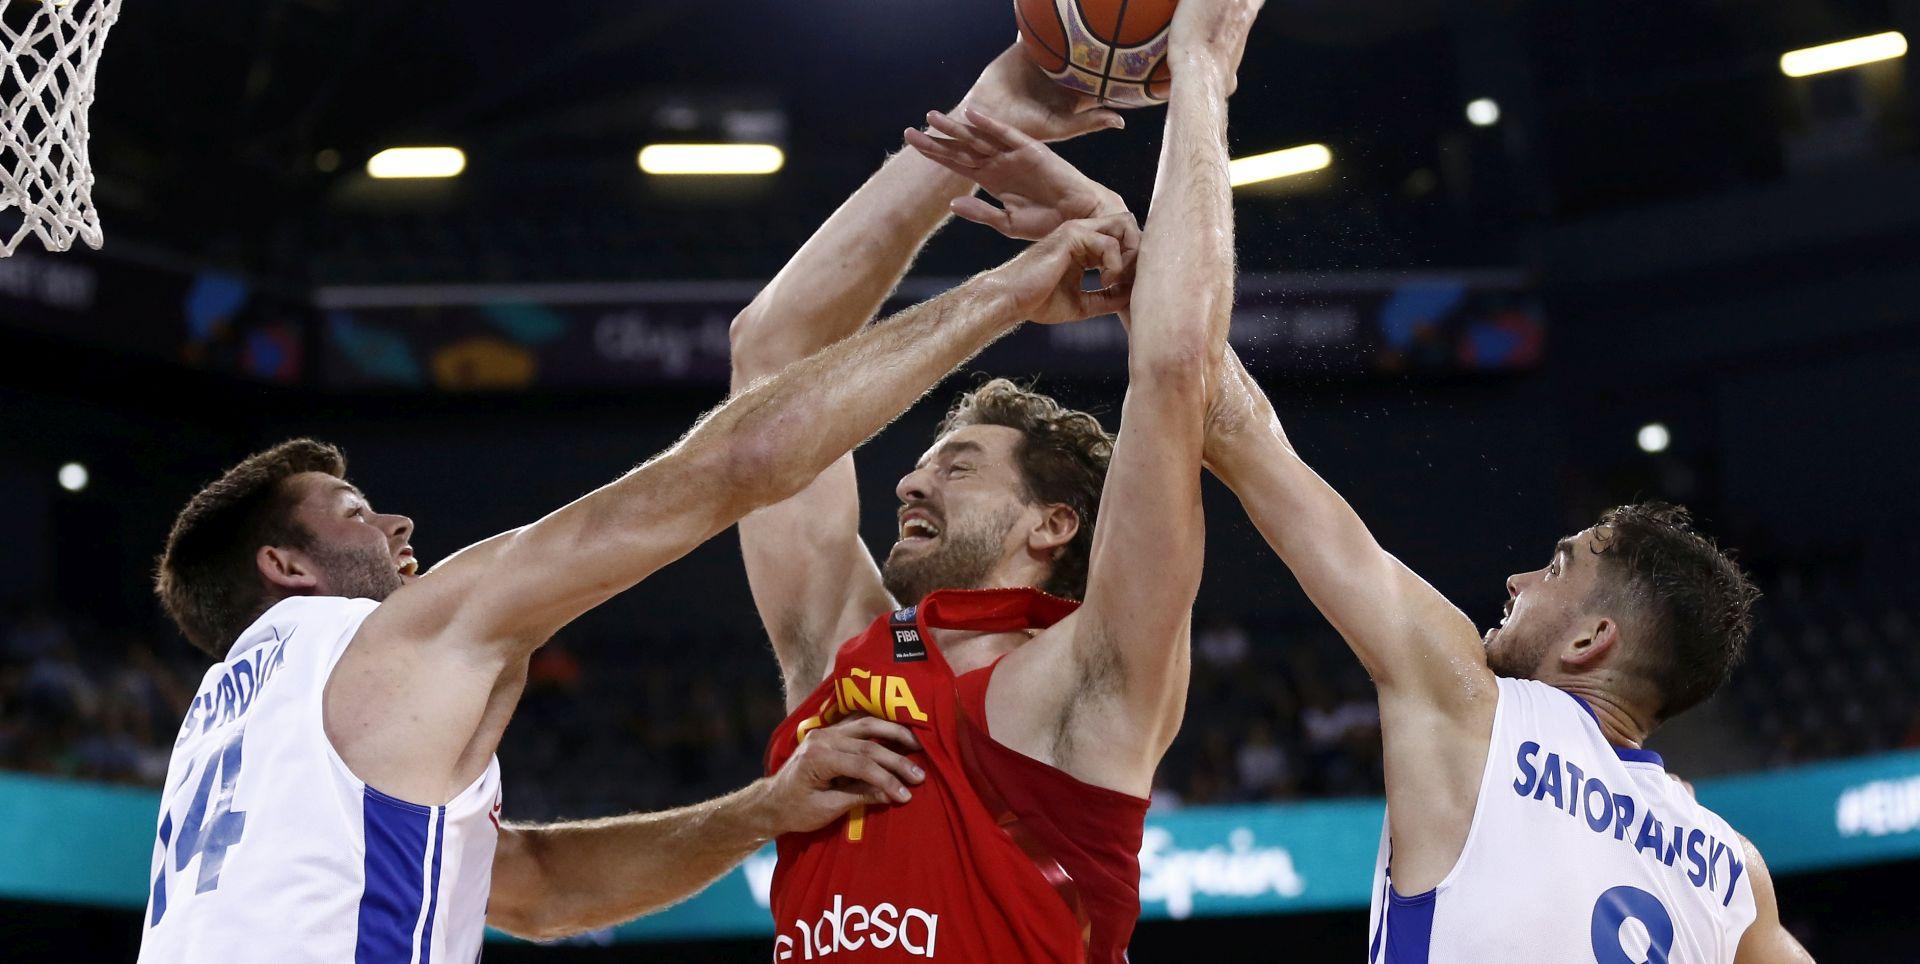 VIDEO: EL GRANDE PAU Gasol postao najbolji strijelac u povijesti Eurobasketa